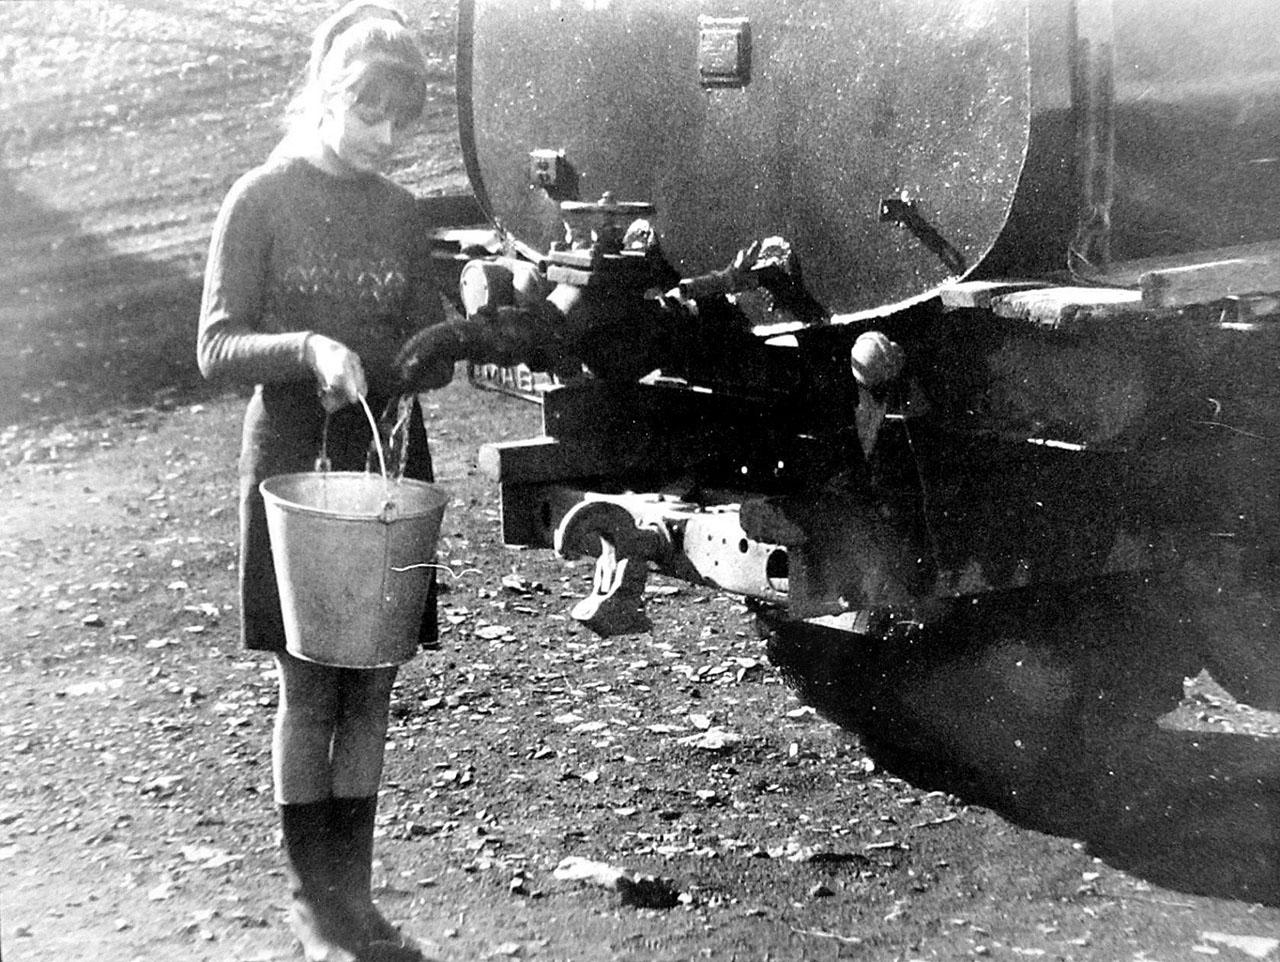 Вот так люди набирали воду которую привозили с Гастелло, для личных нужд. И сегодня питьевую воду на поселок имени Матросова возят с Гастелло.